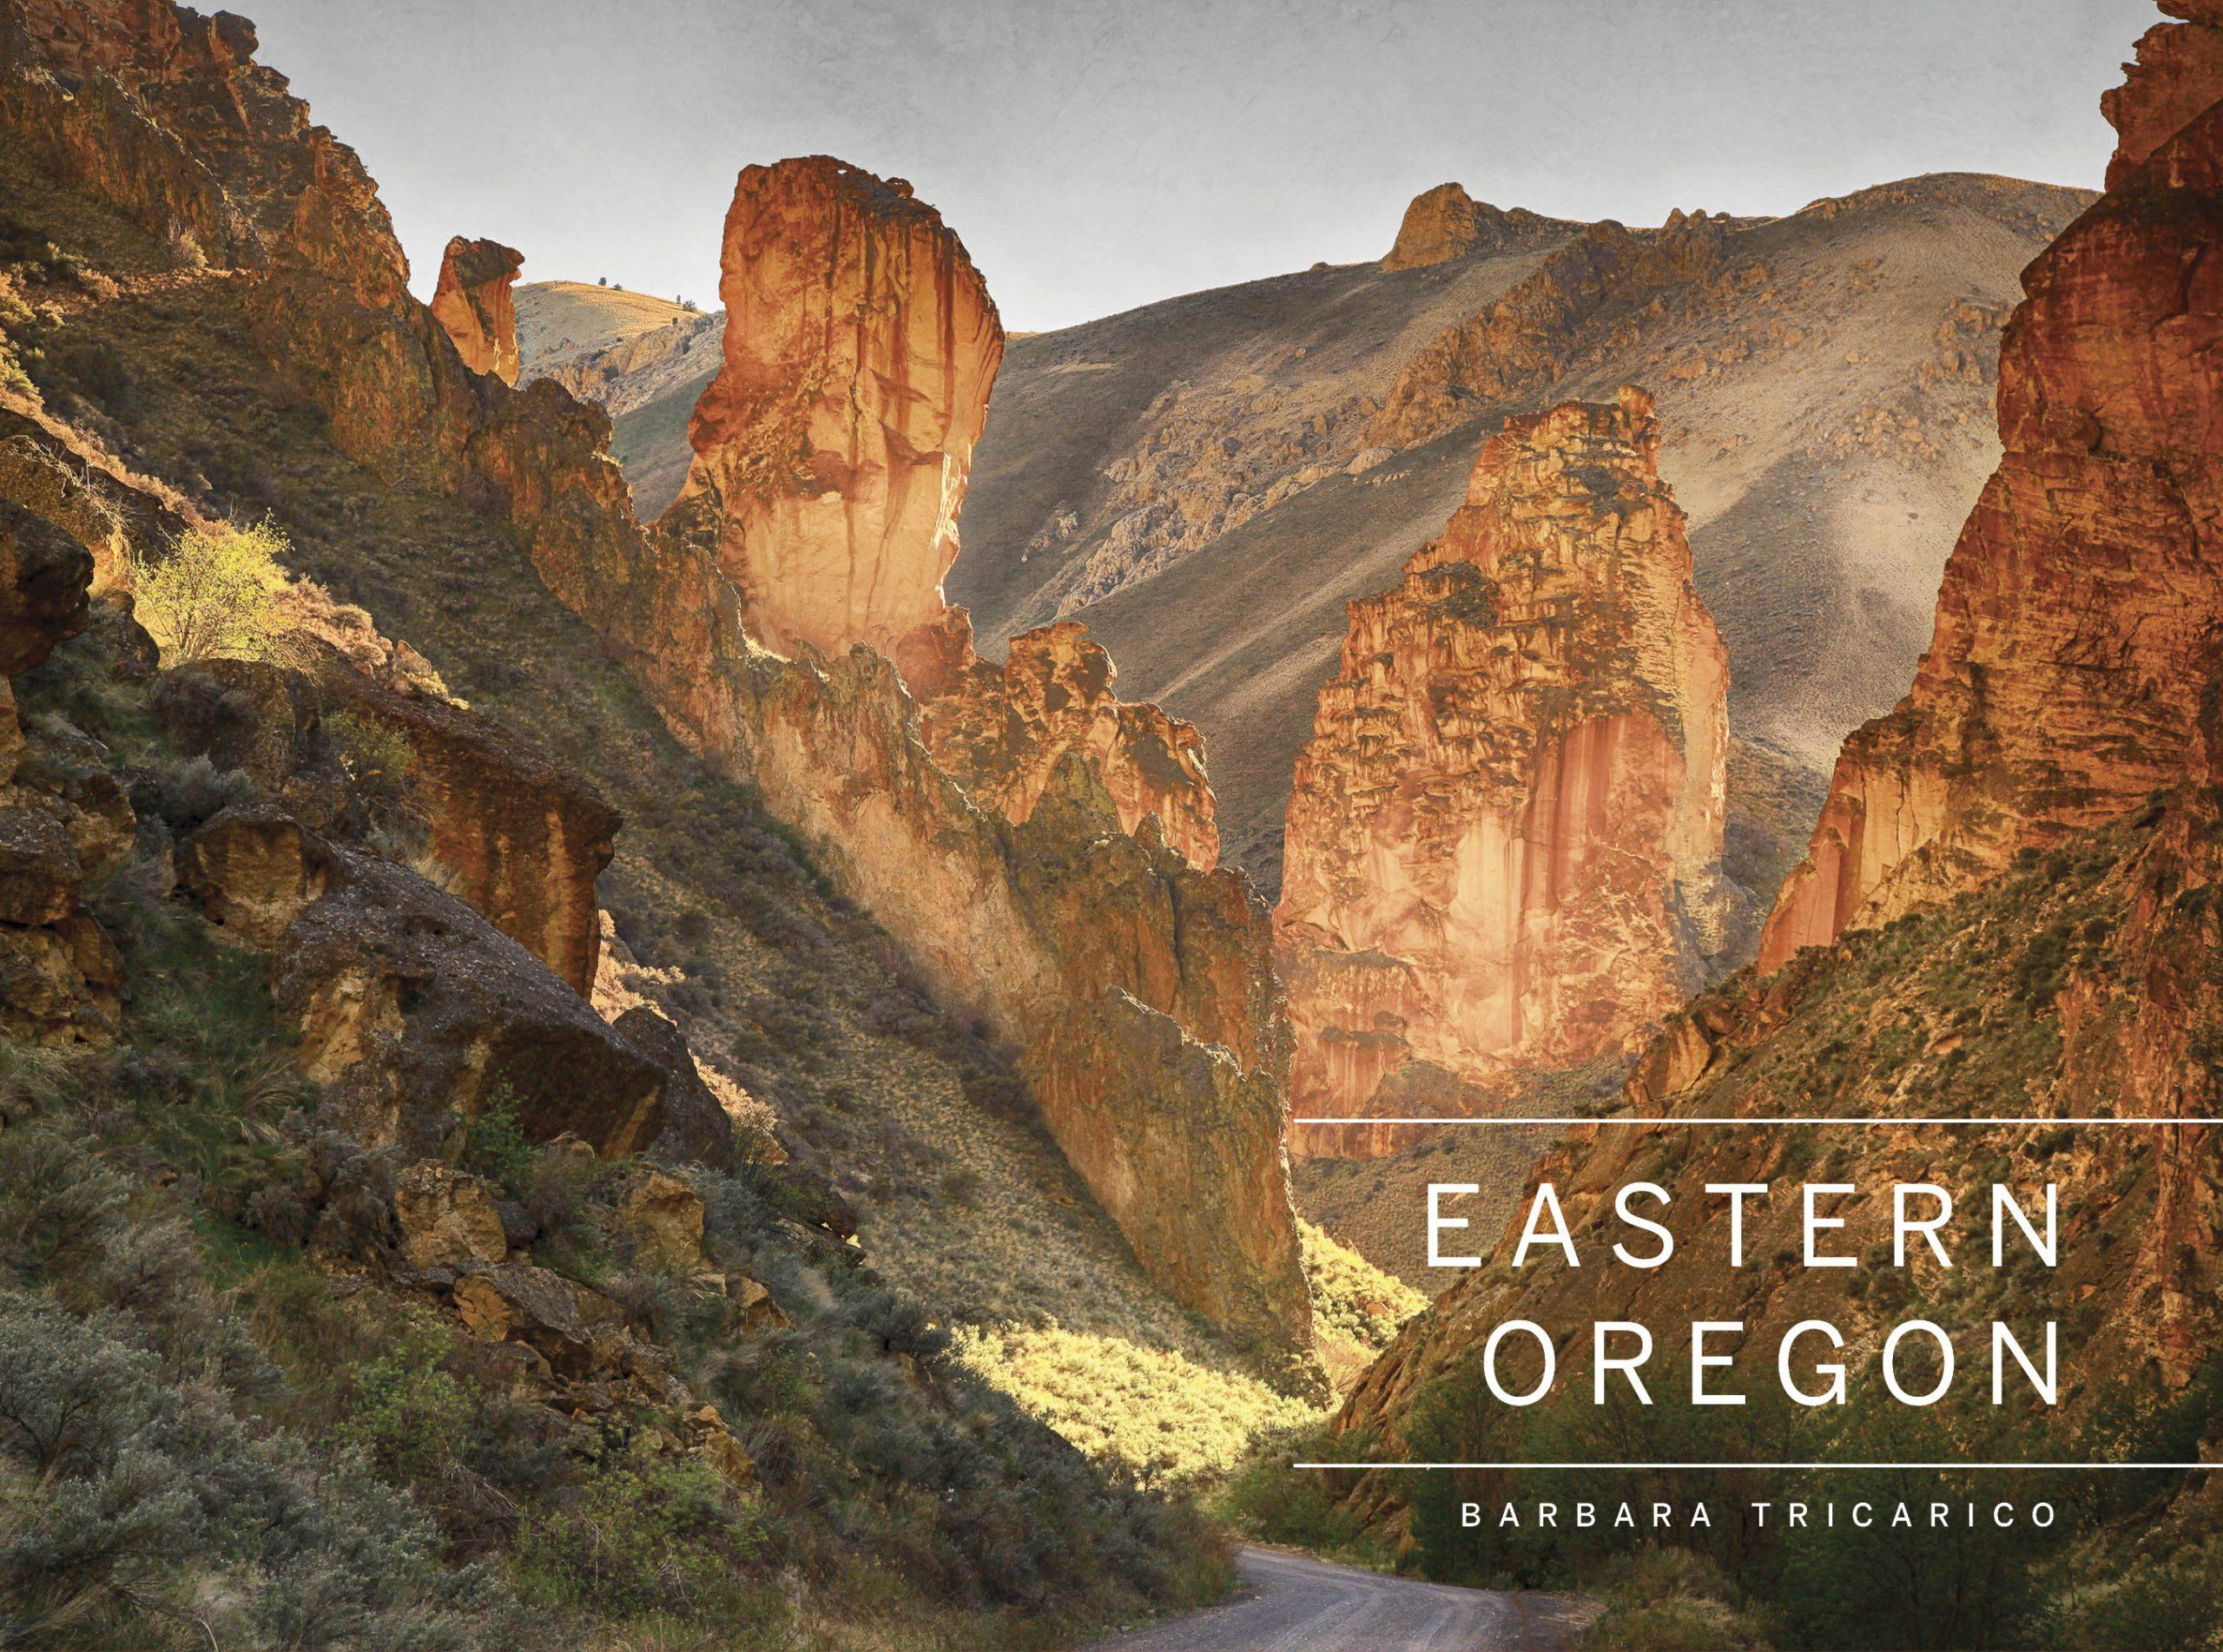 Eastern Oregon by Barbara Tricarico